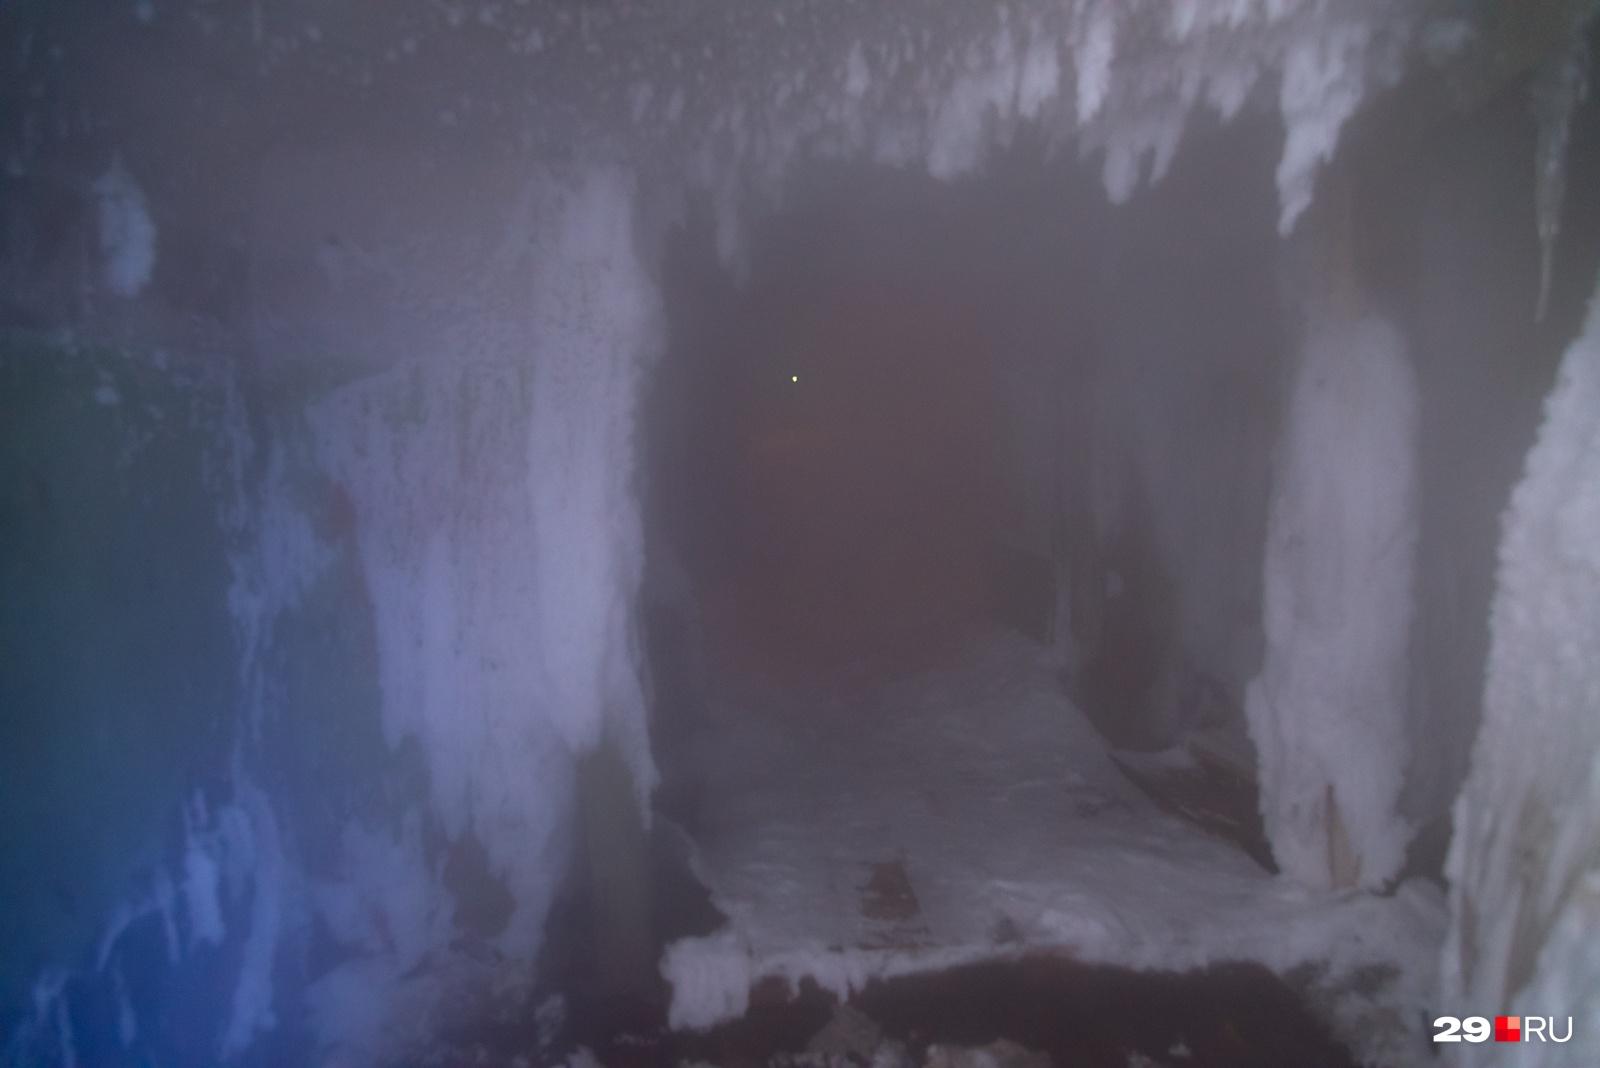 Пока ползешь, понимаешь, что всё внутри в тумане из-за протечки горячей воды или канализации